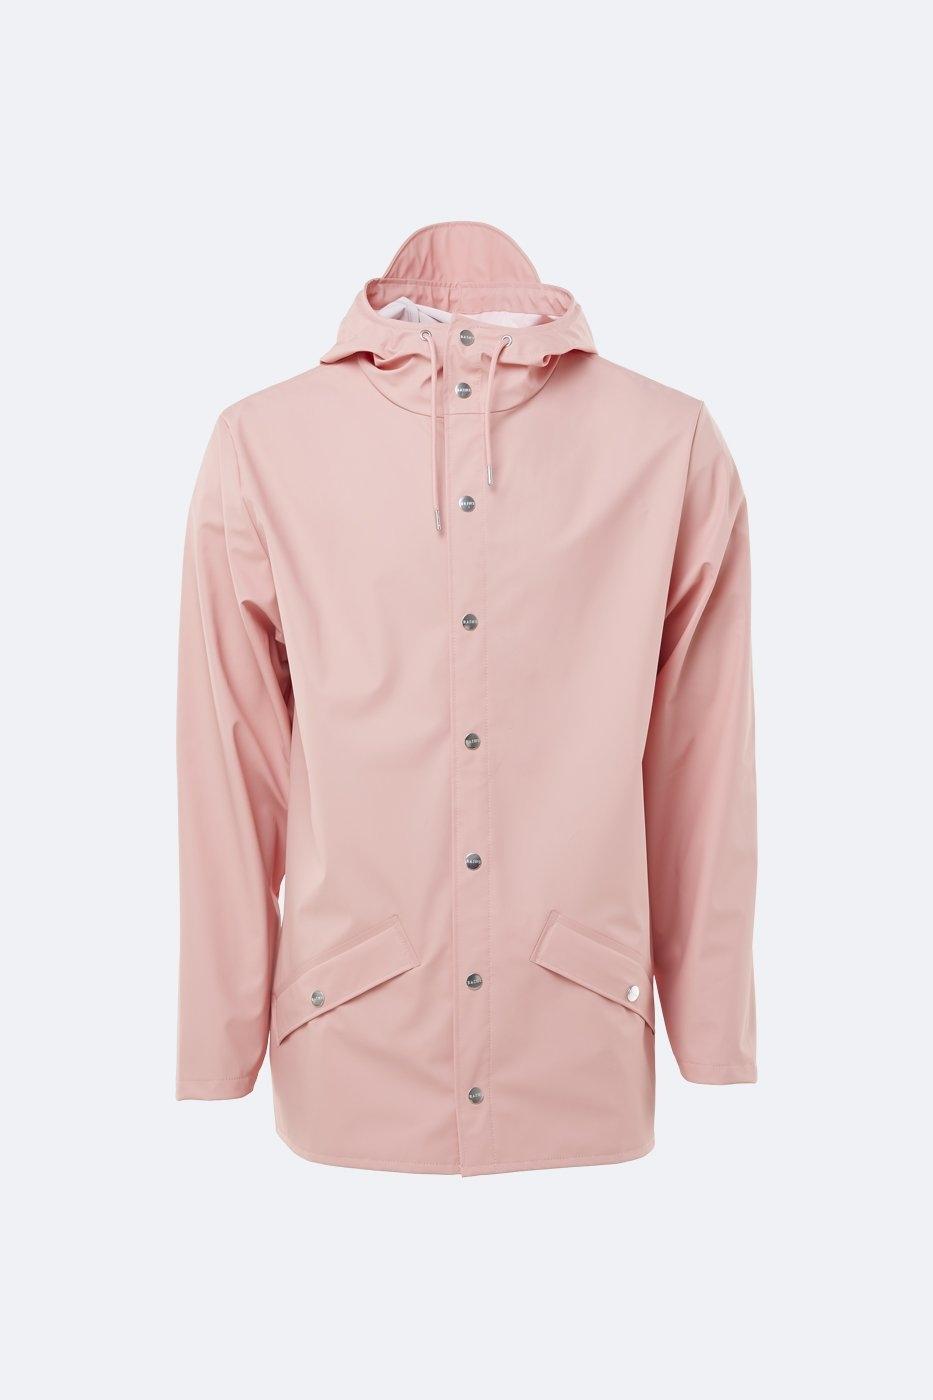 Rains Jacket coral unisex S/M